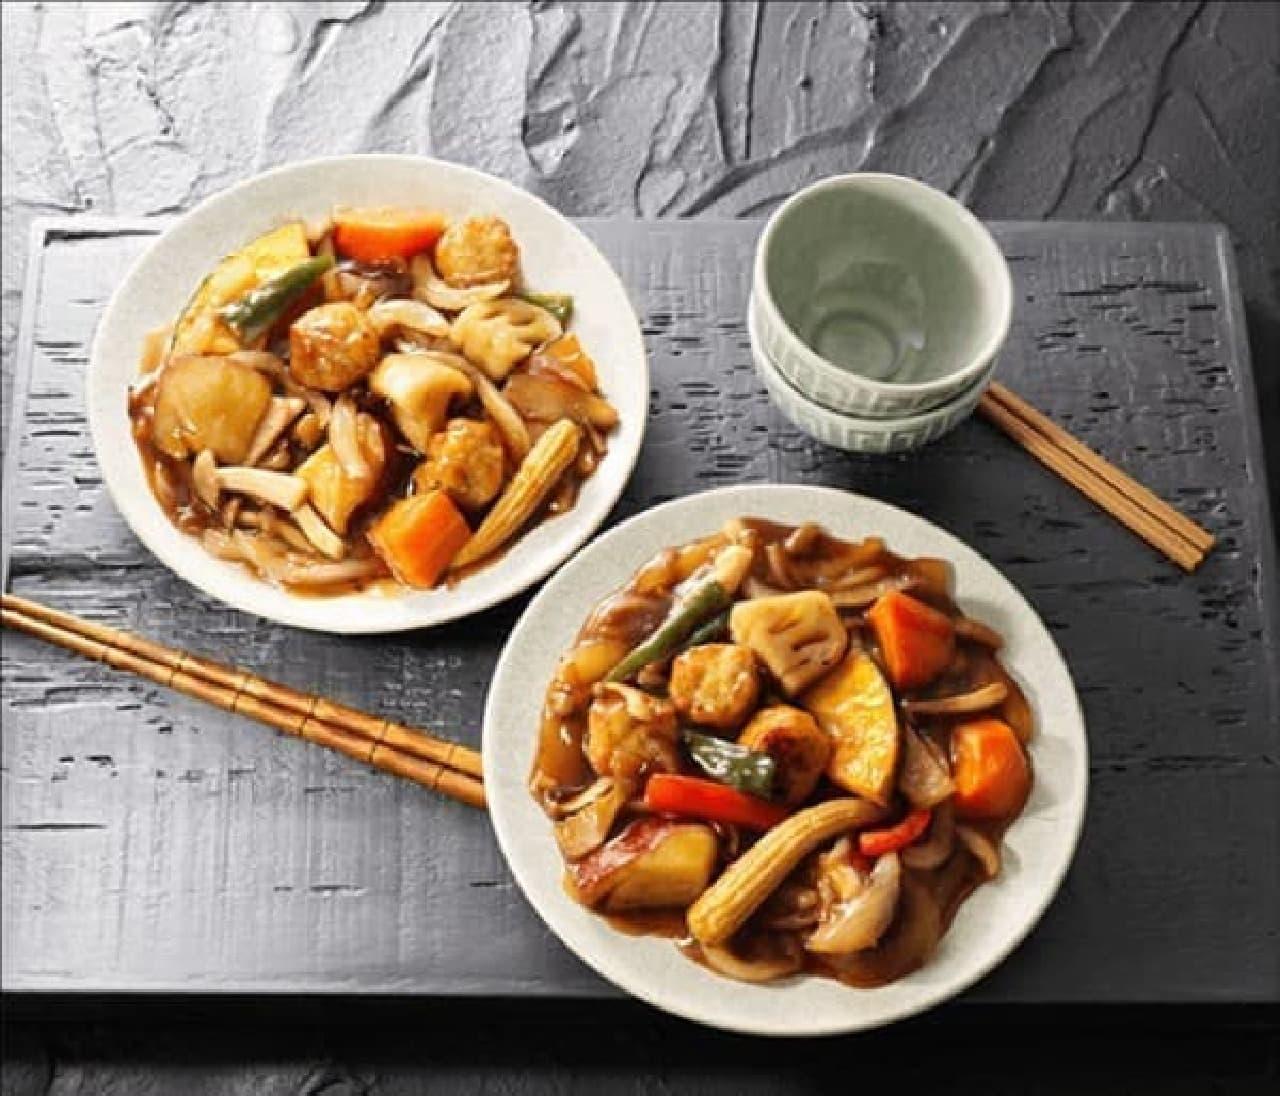 成城石井初のミールキットシリーズ「日南鶏肉団子とごろごろ野菜の黒酢あんかけ」